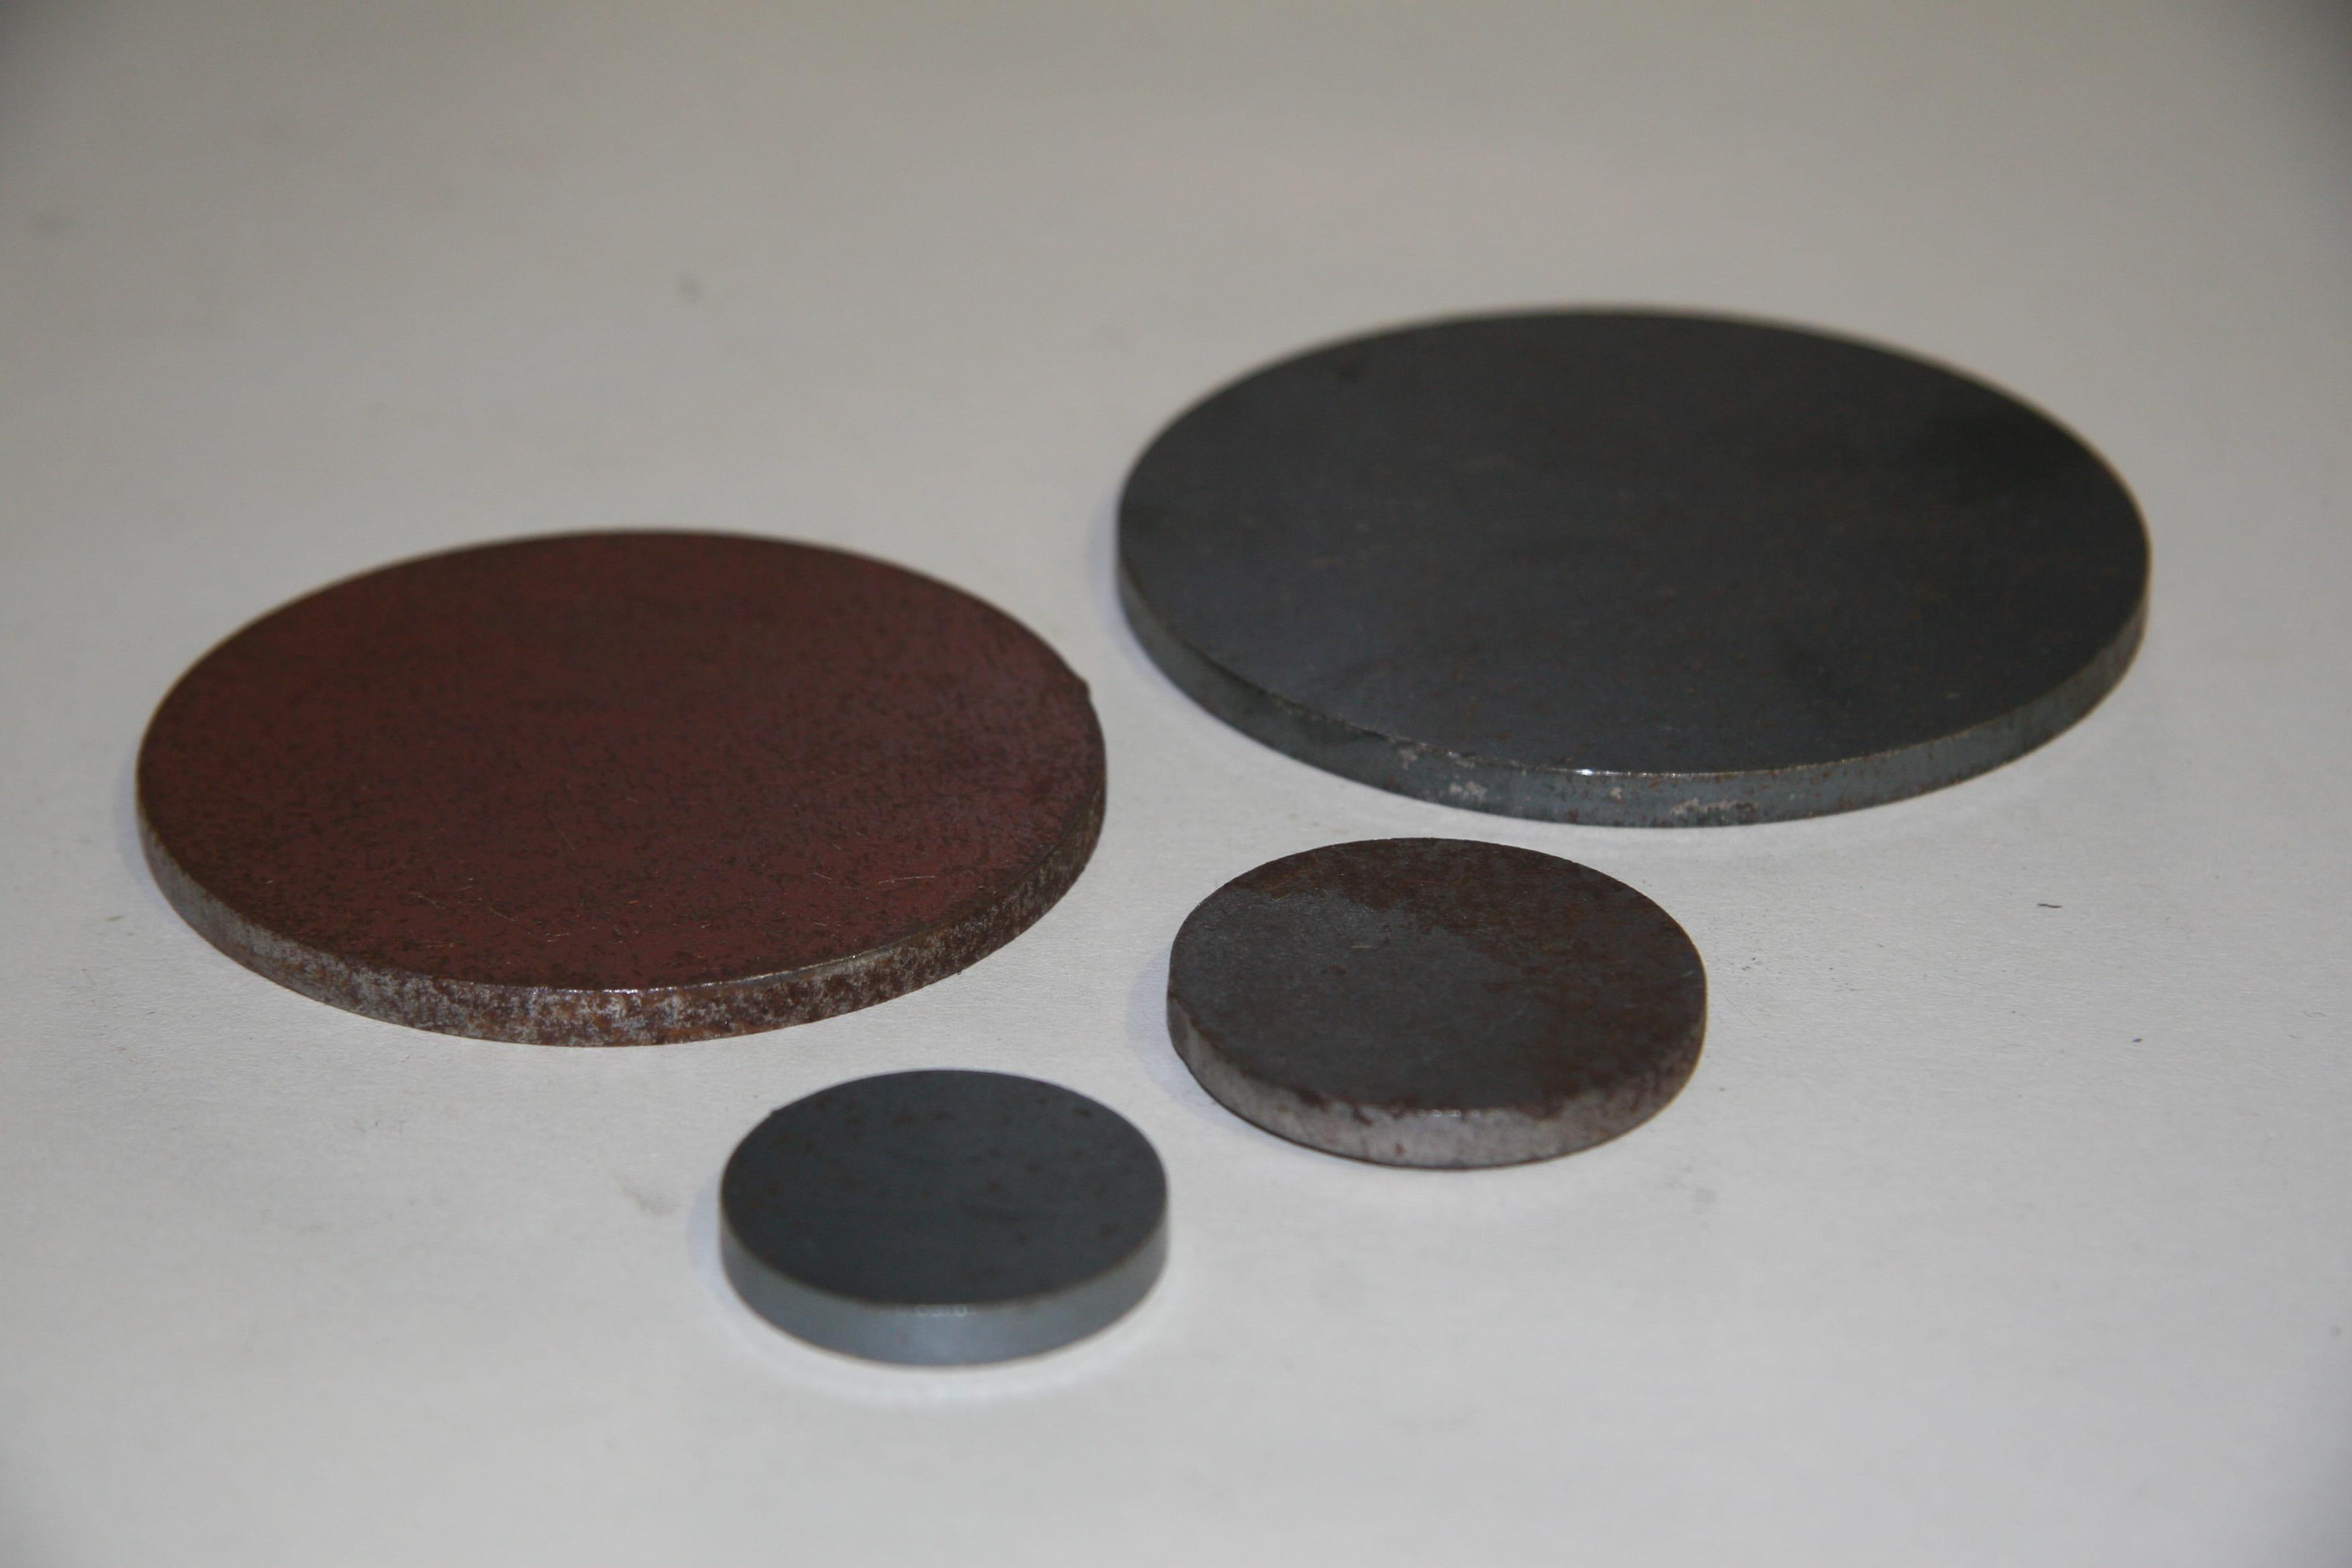 Discs (Blanks)